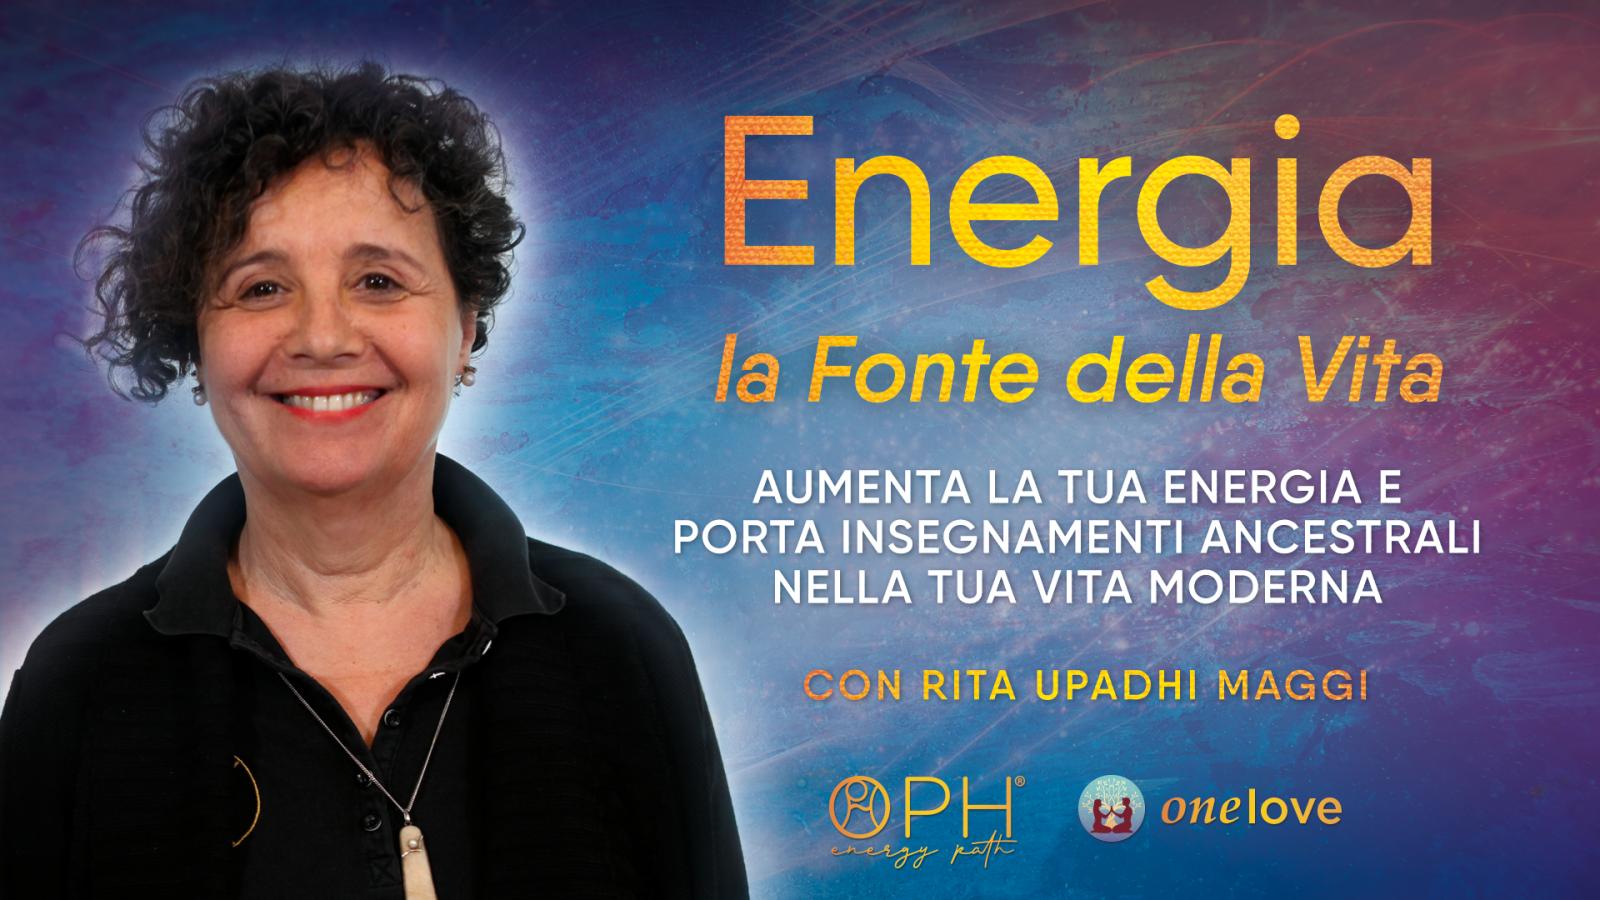 Energia, la Fonte della Vita